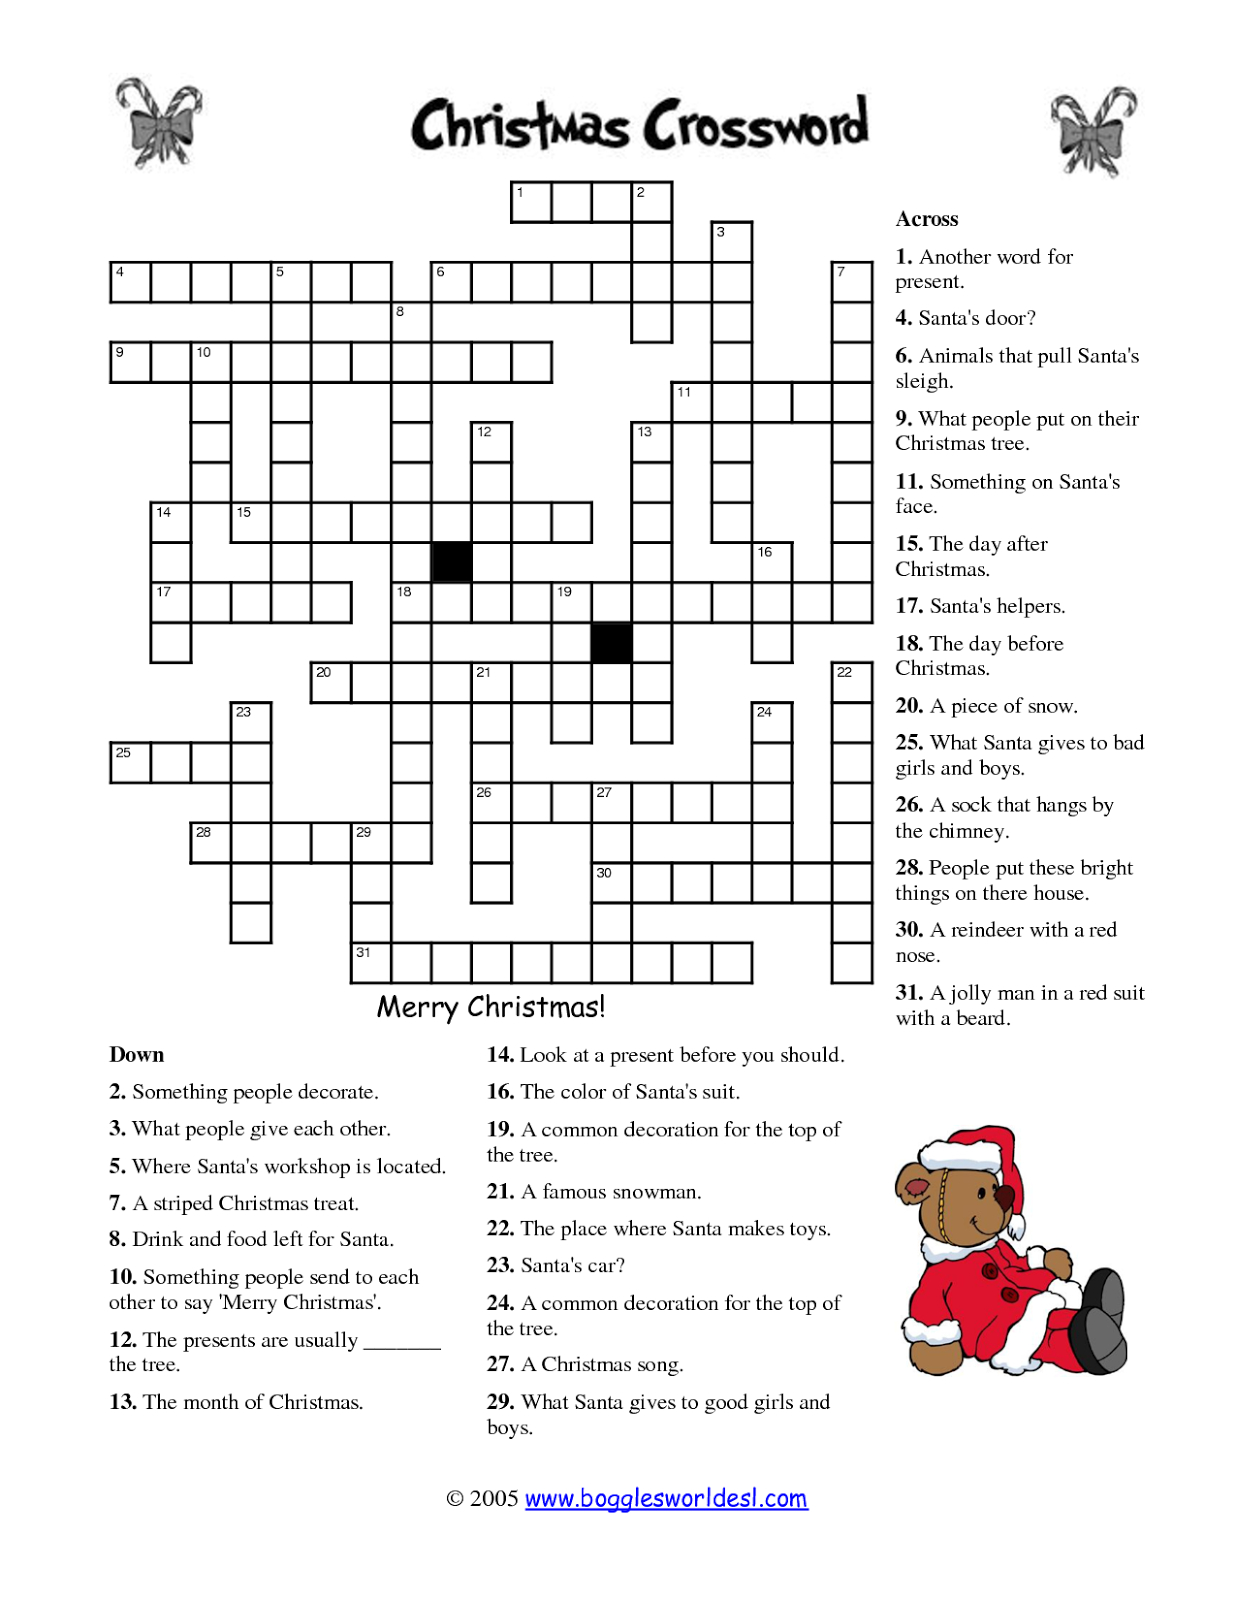 Free Printable Crossword Puzzles   M34   Free Printable Crossword - Free Printable Christmas Puzzles